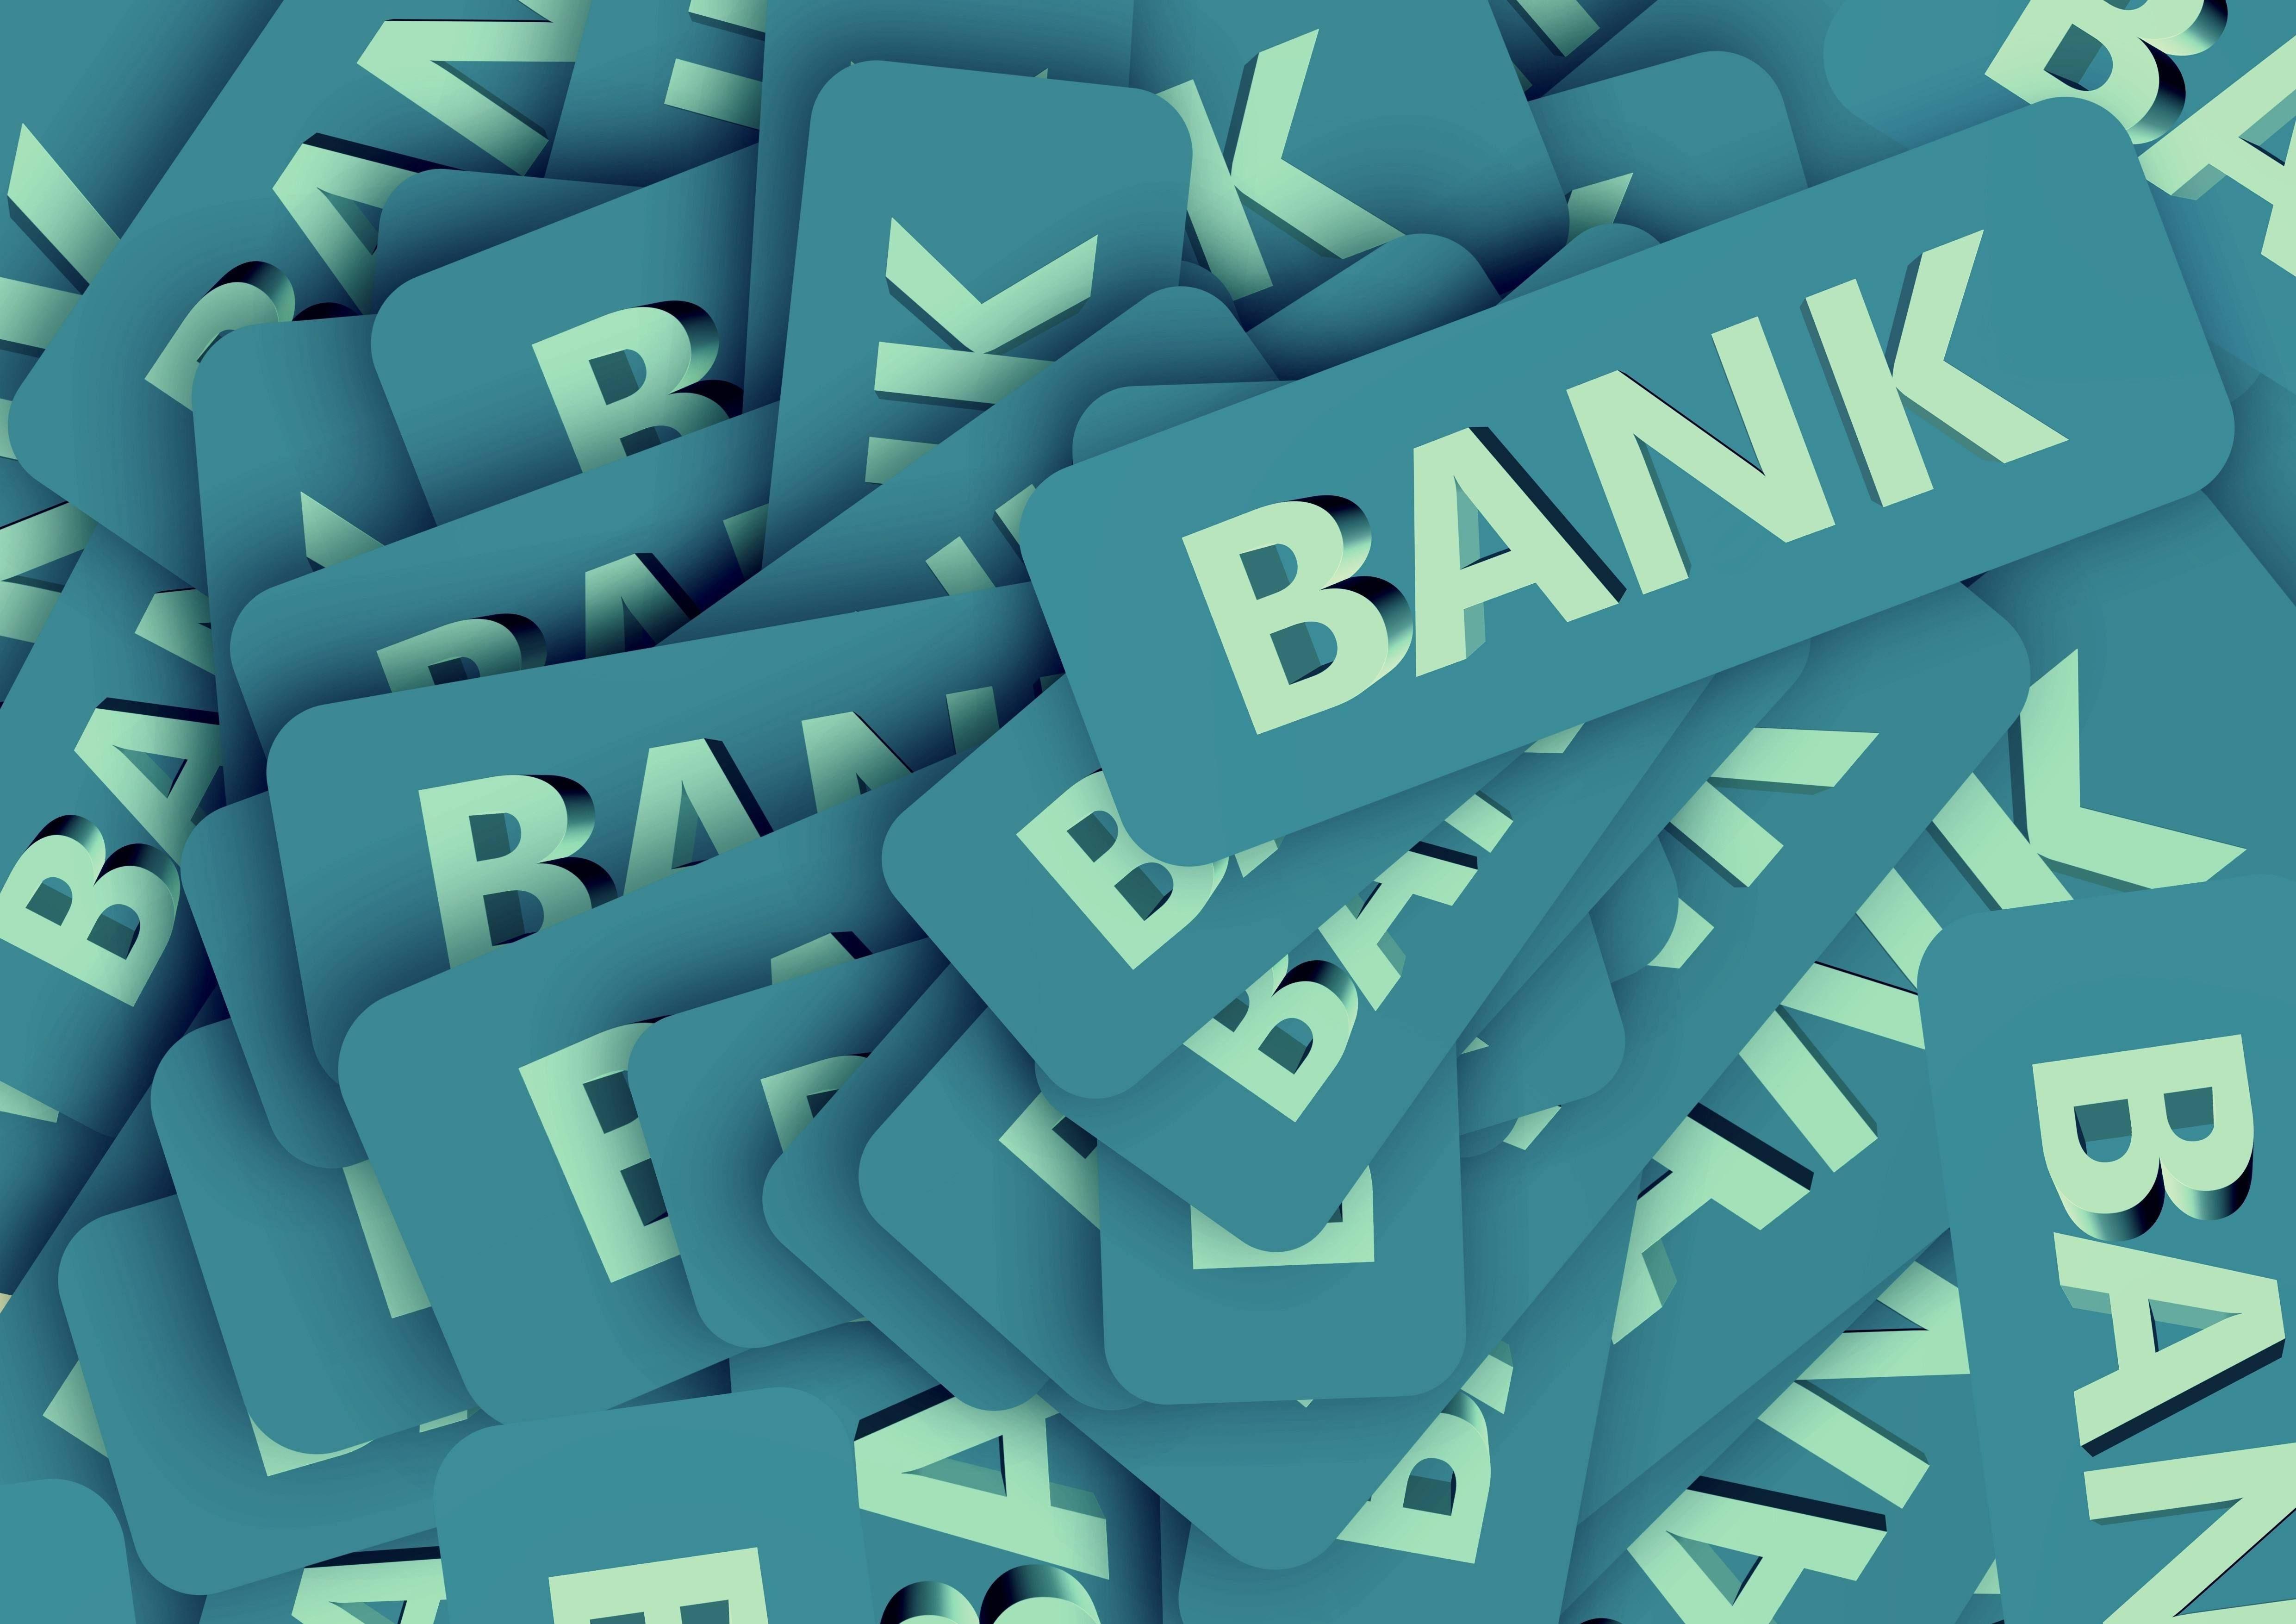 世界一级银行排名,世界顶级银行